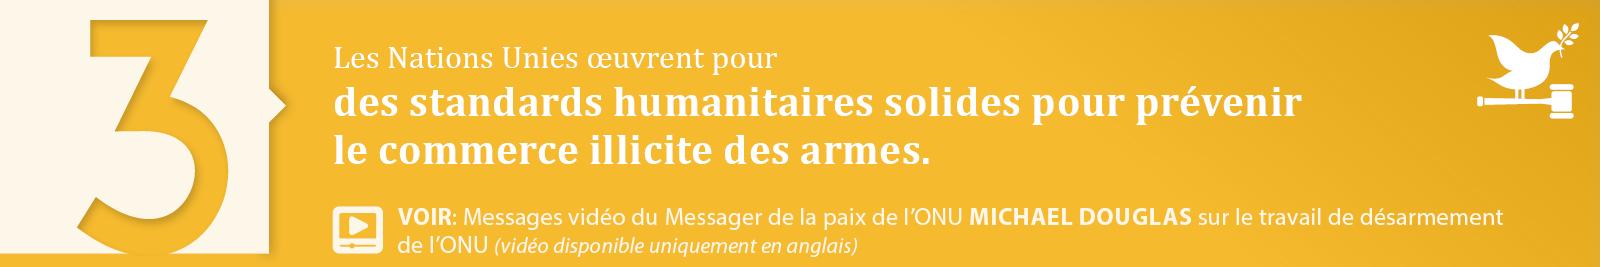 3.Des standards humanitaires solides pour prévenir le commerce illicite des armes.